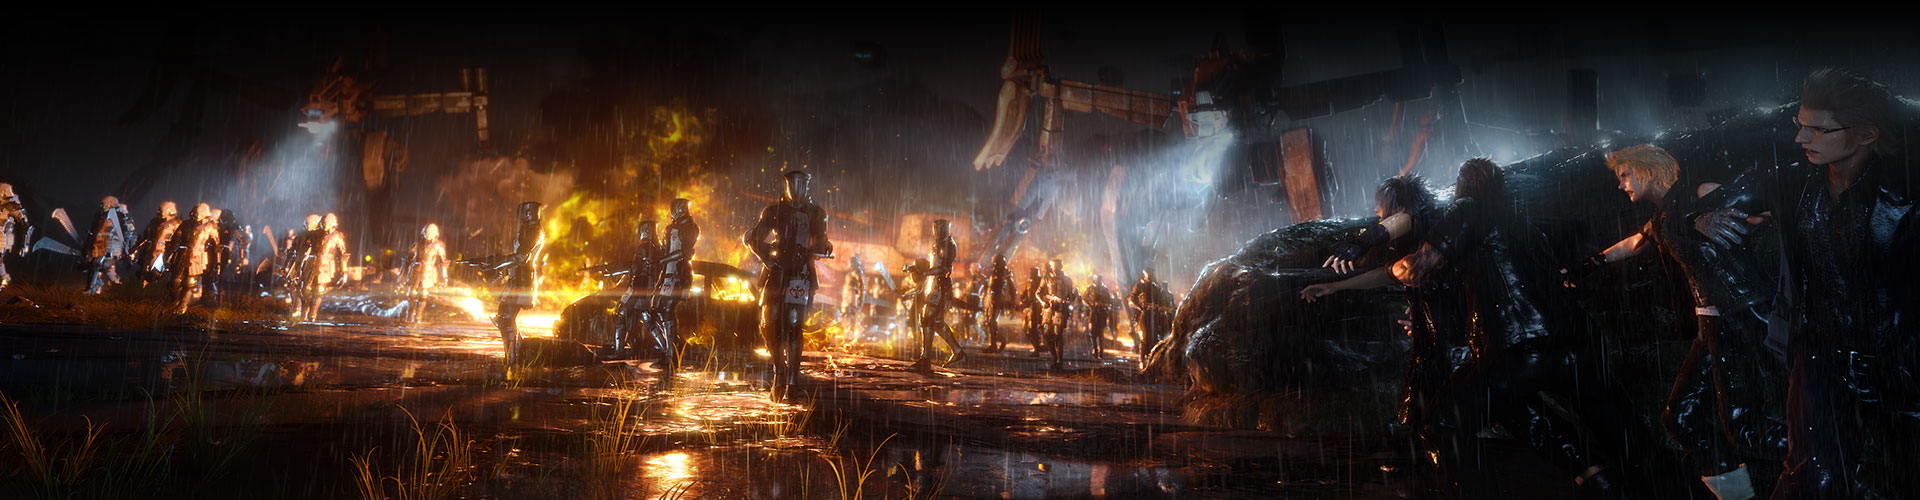 Hahmot piilossa vihollislinjojen takana sateessa